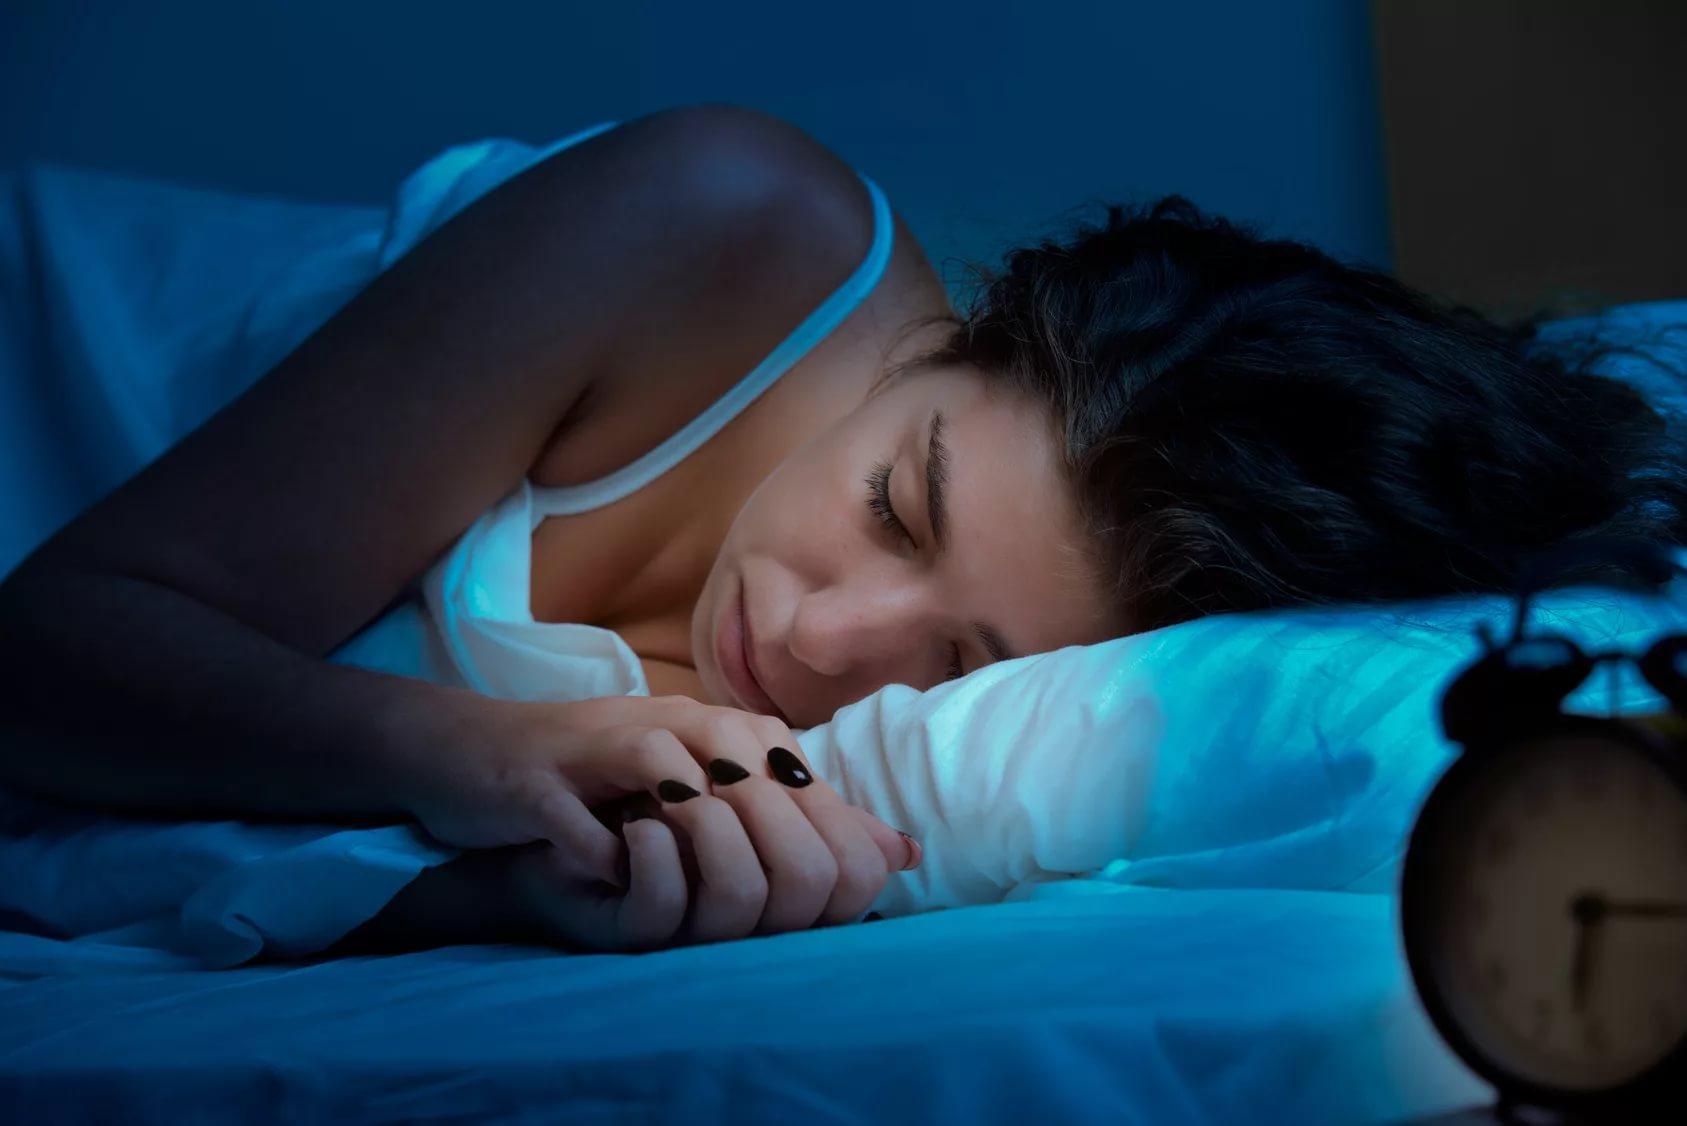 Борьба за сон или как я победила бессонницу